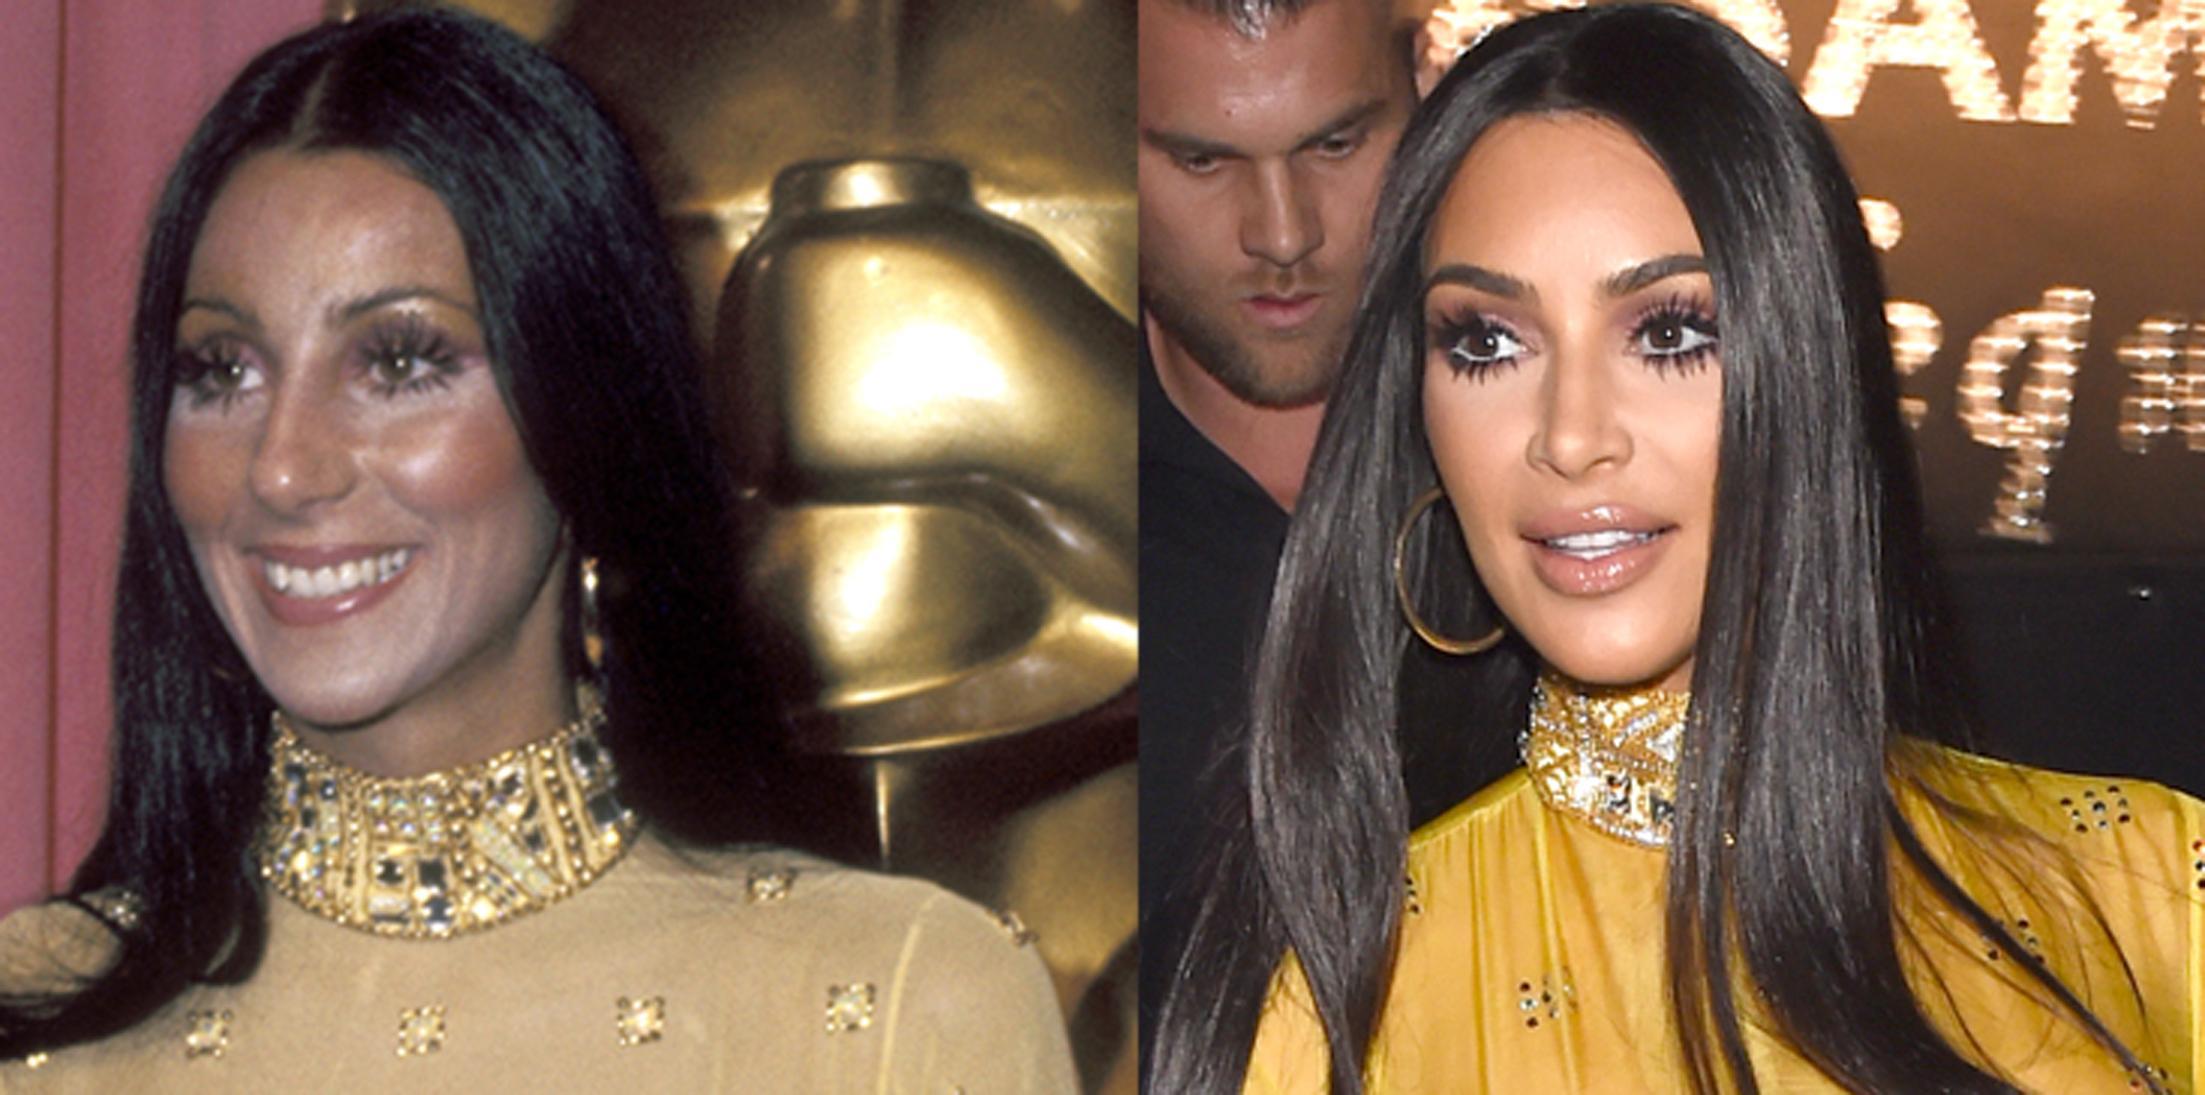 Kim kardashian sexy cher halloween costume hero